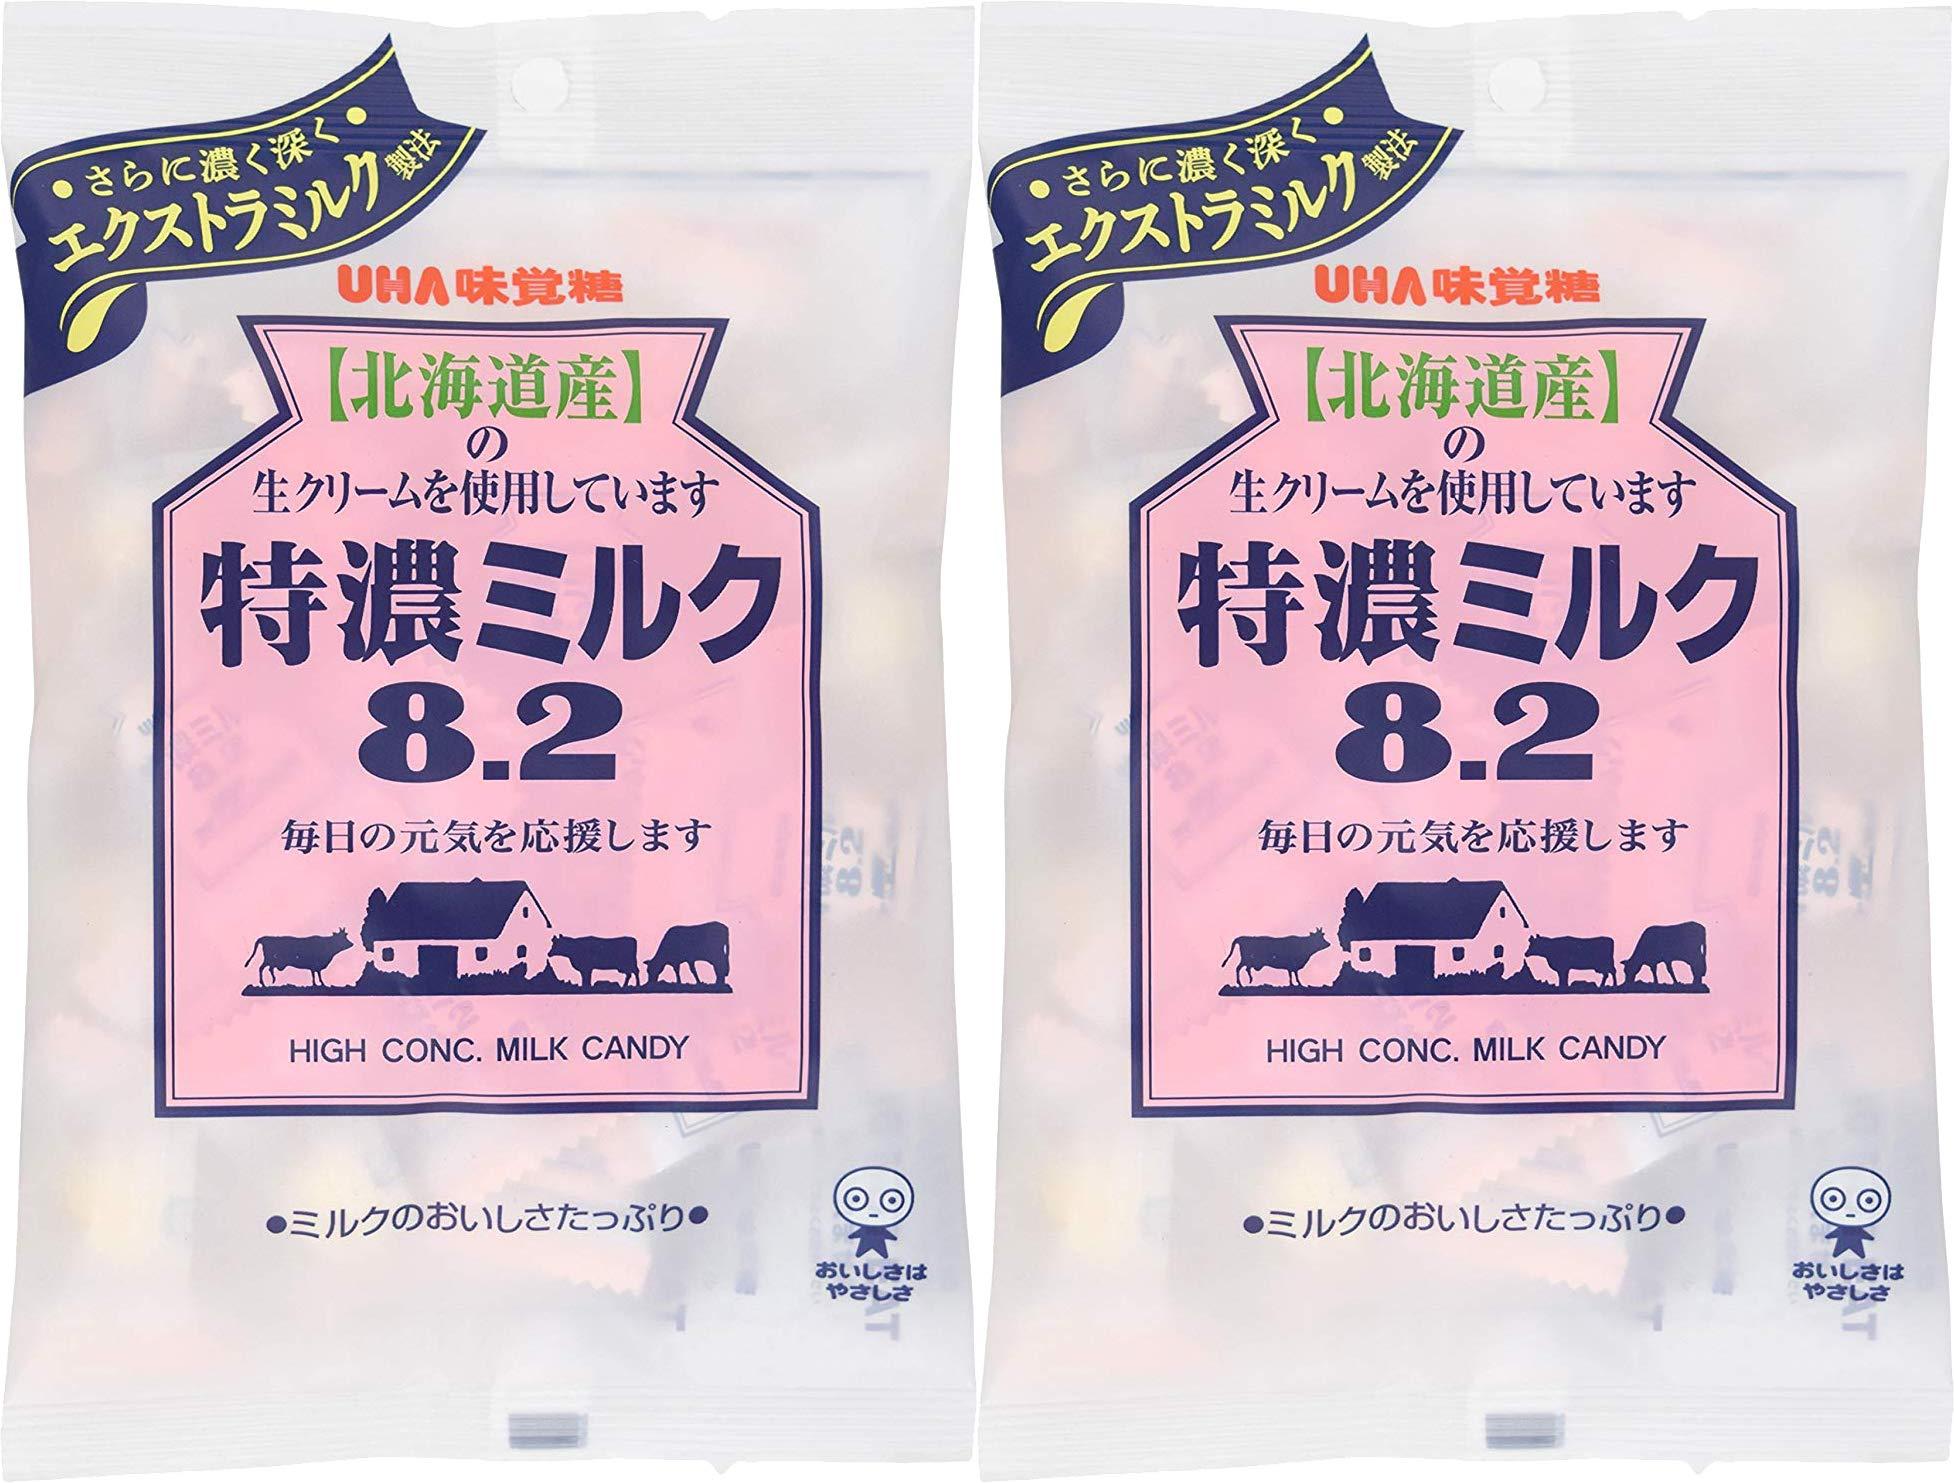 Mikakuto Tokuno Milk 8.2 Candy 3.7oz (2 Pack) by UHA Mikakutou